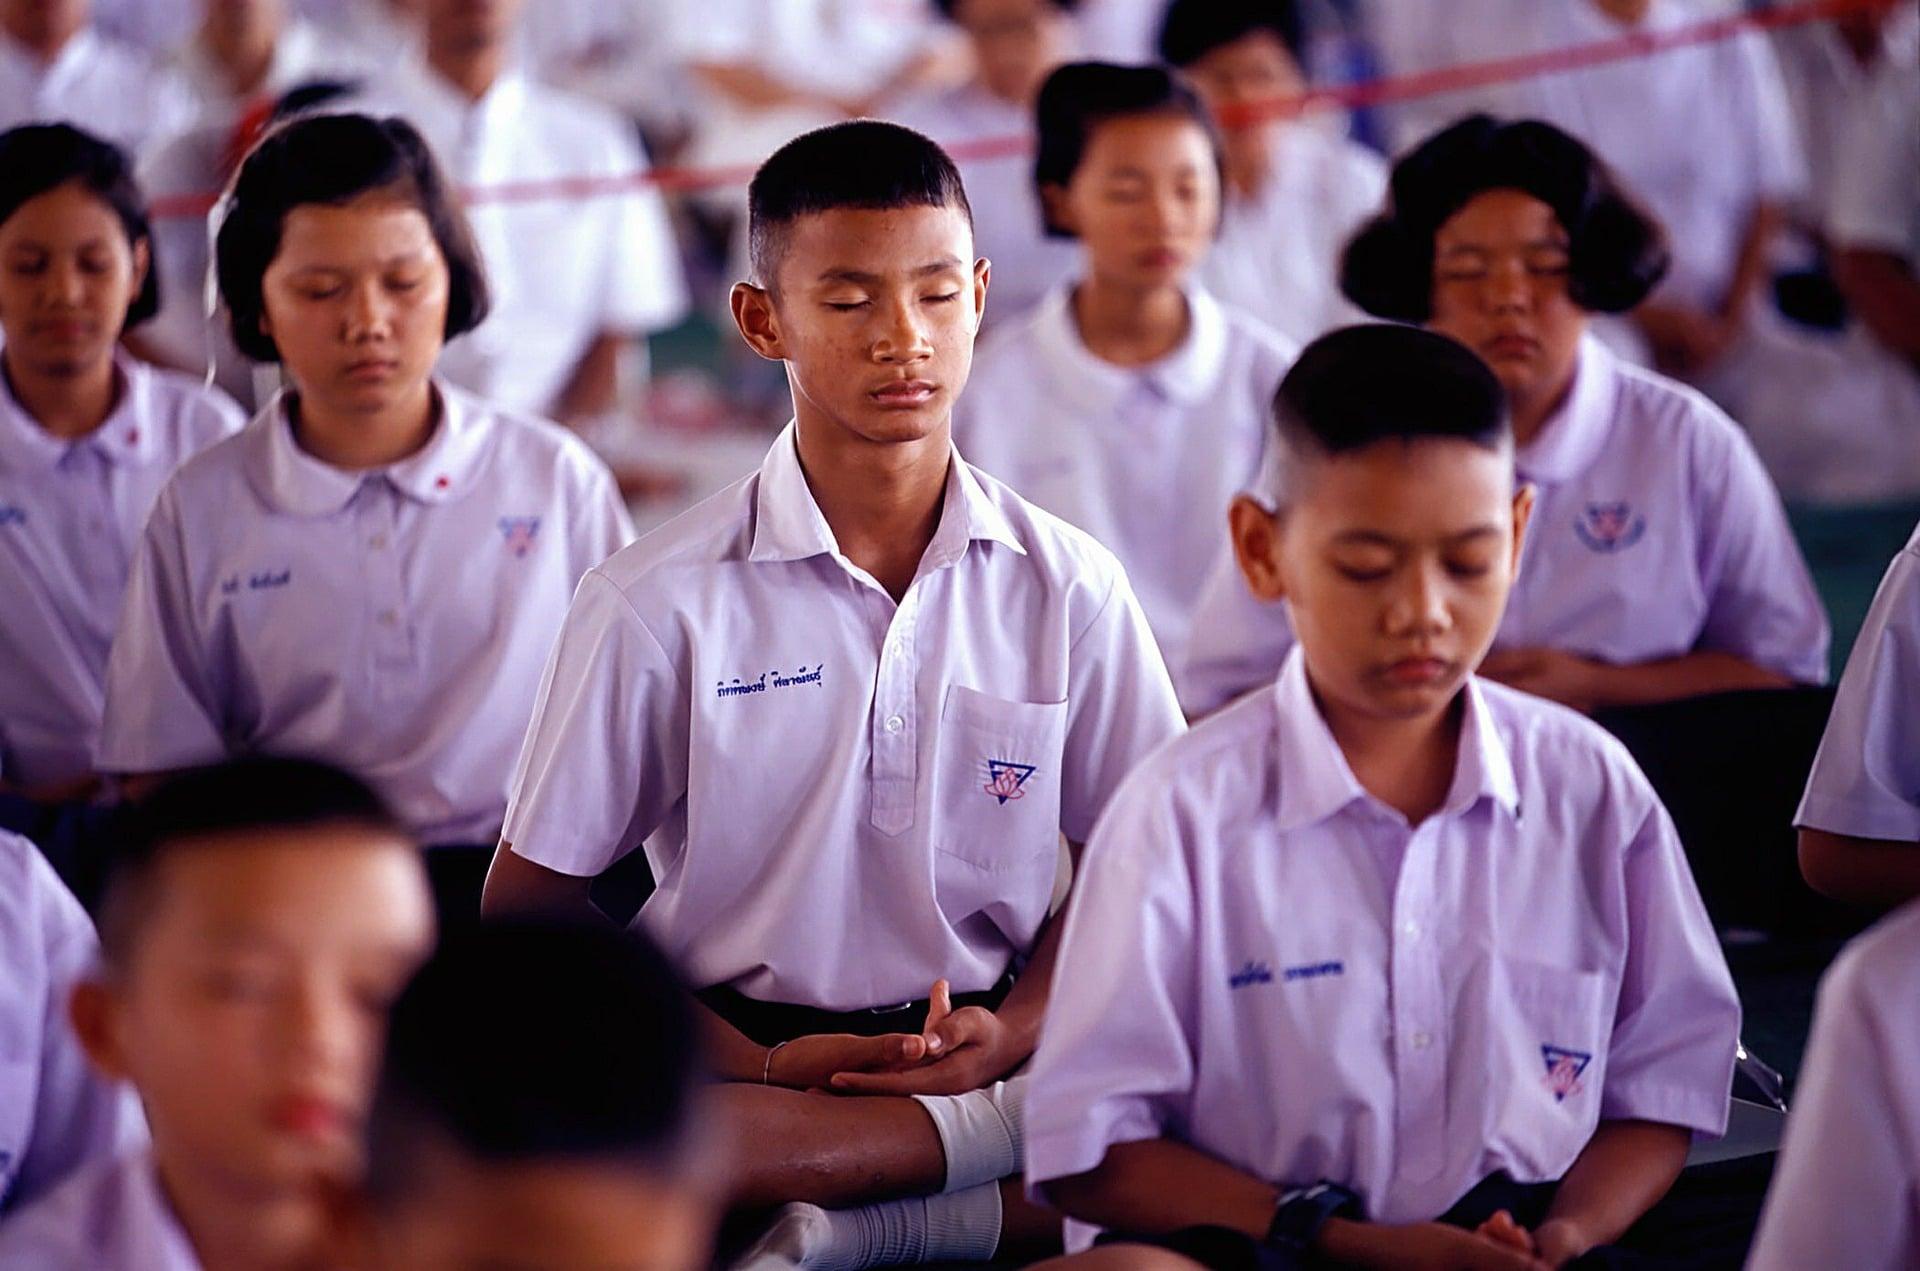 Meditation Statistics - At School